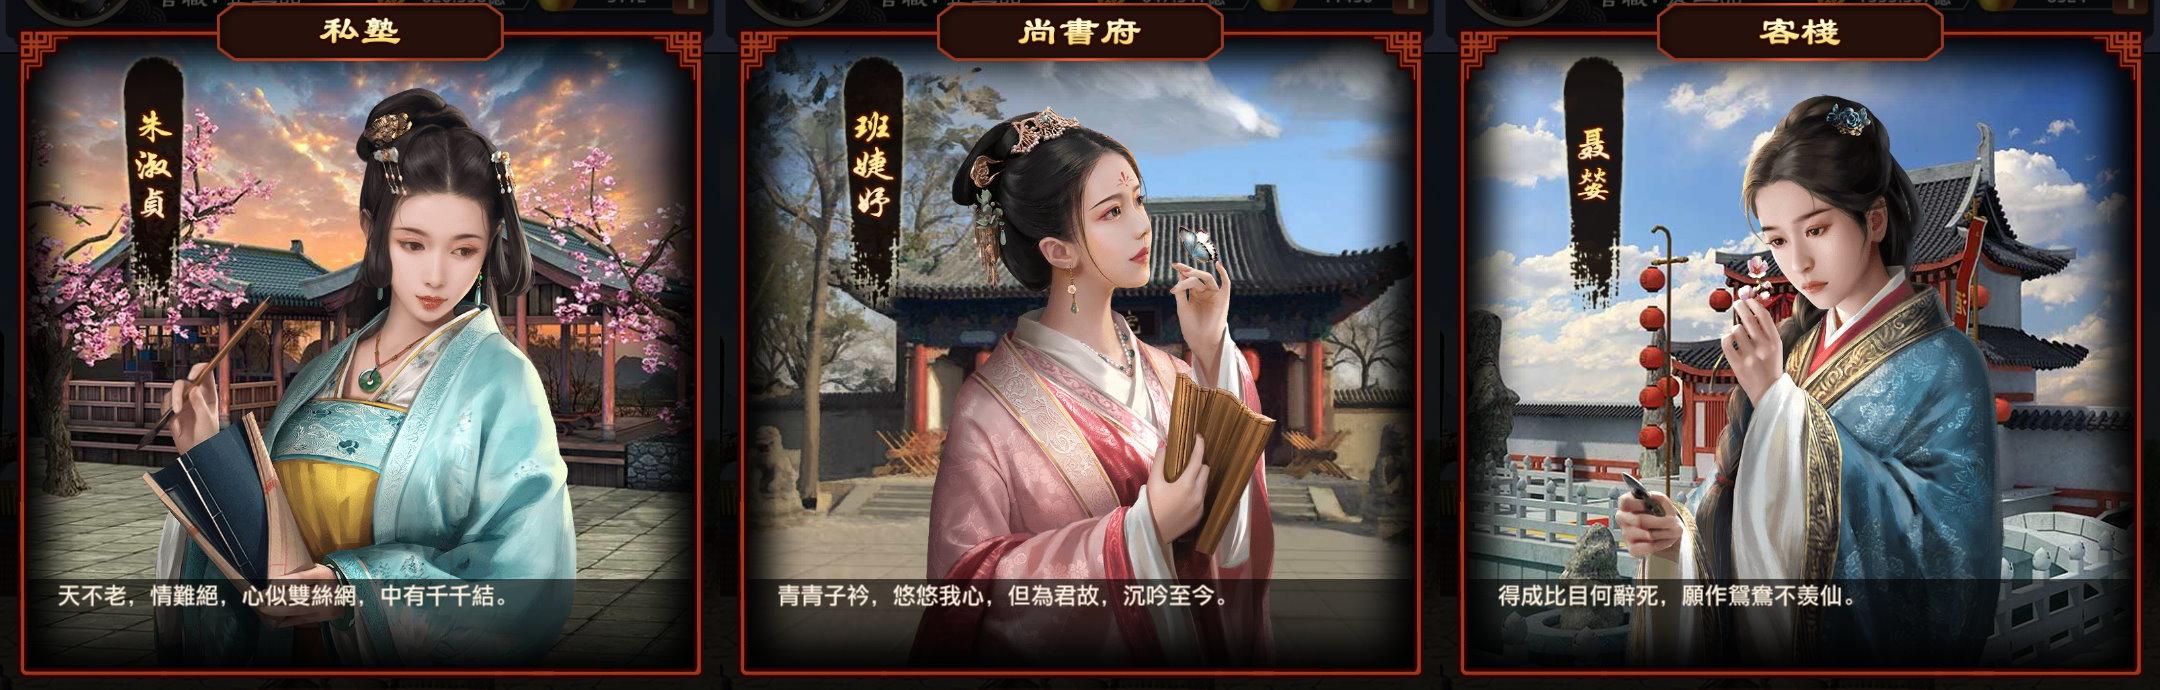 手機遊戲, 叫我官老爺, 改版, 聶嫈+班婕妤+朱淑真